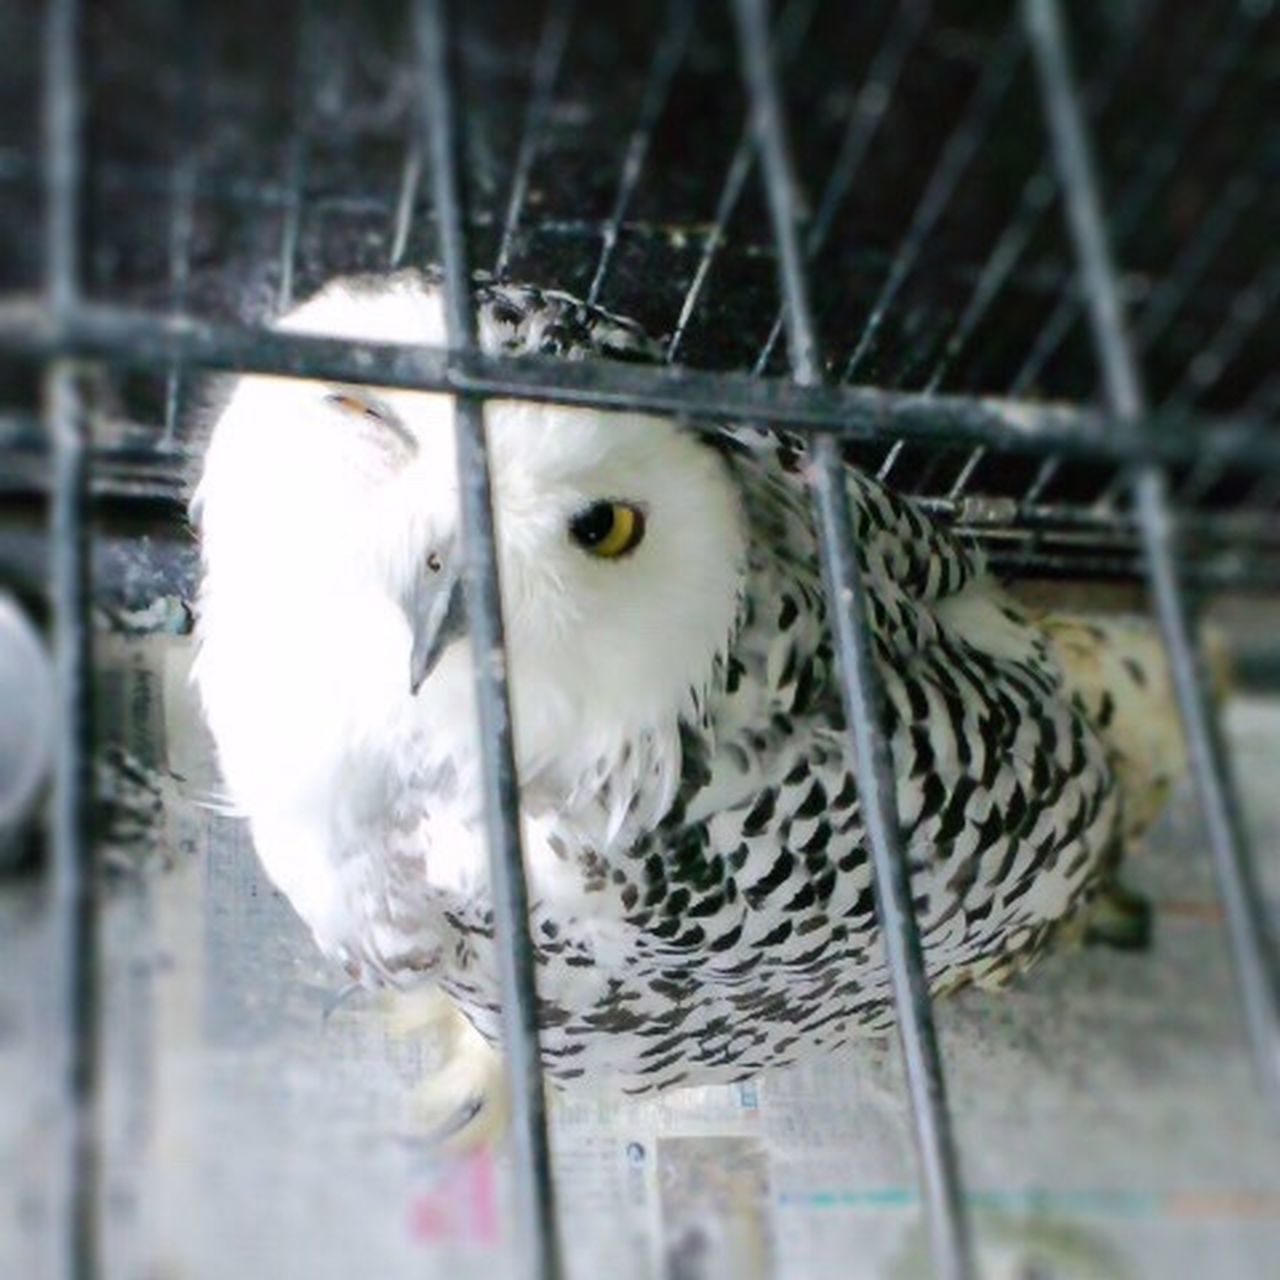 ウインクふくろう♡ Owl Owl Eyes Owl Photography One Animal Bird Cage Close-up Wink Wink Wink ;)  KAWAII Tadaa Community Hello World